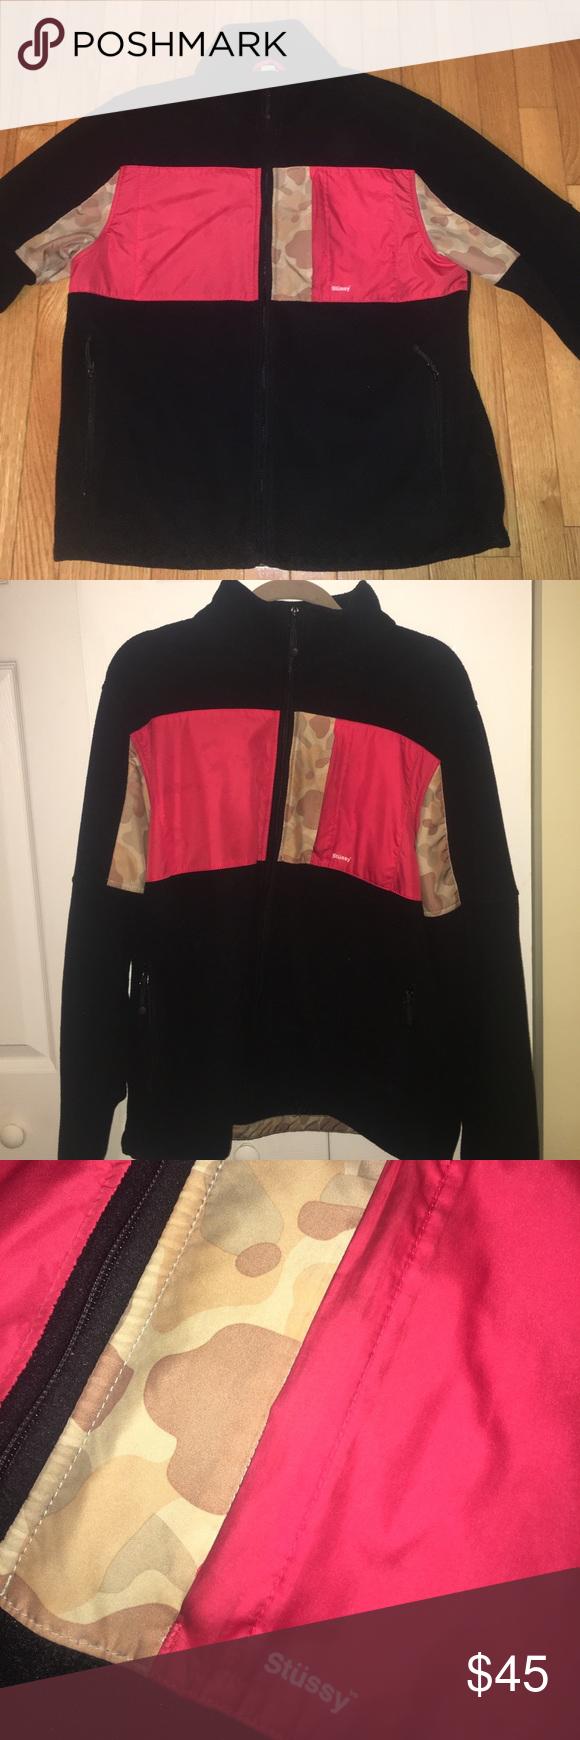 Rare stussy camo print fleece jacket camo print camo and conditioner